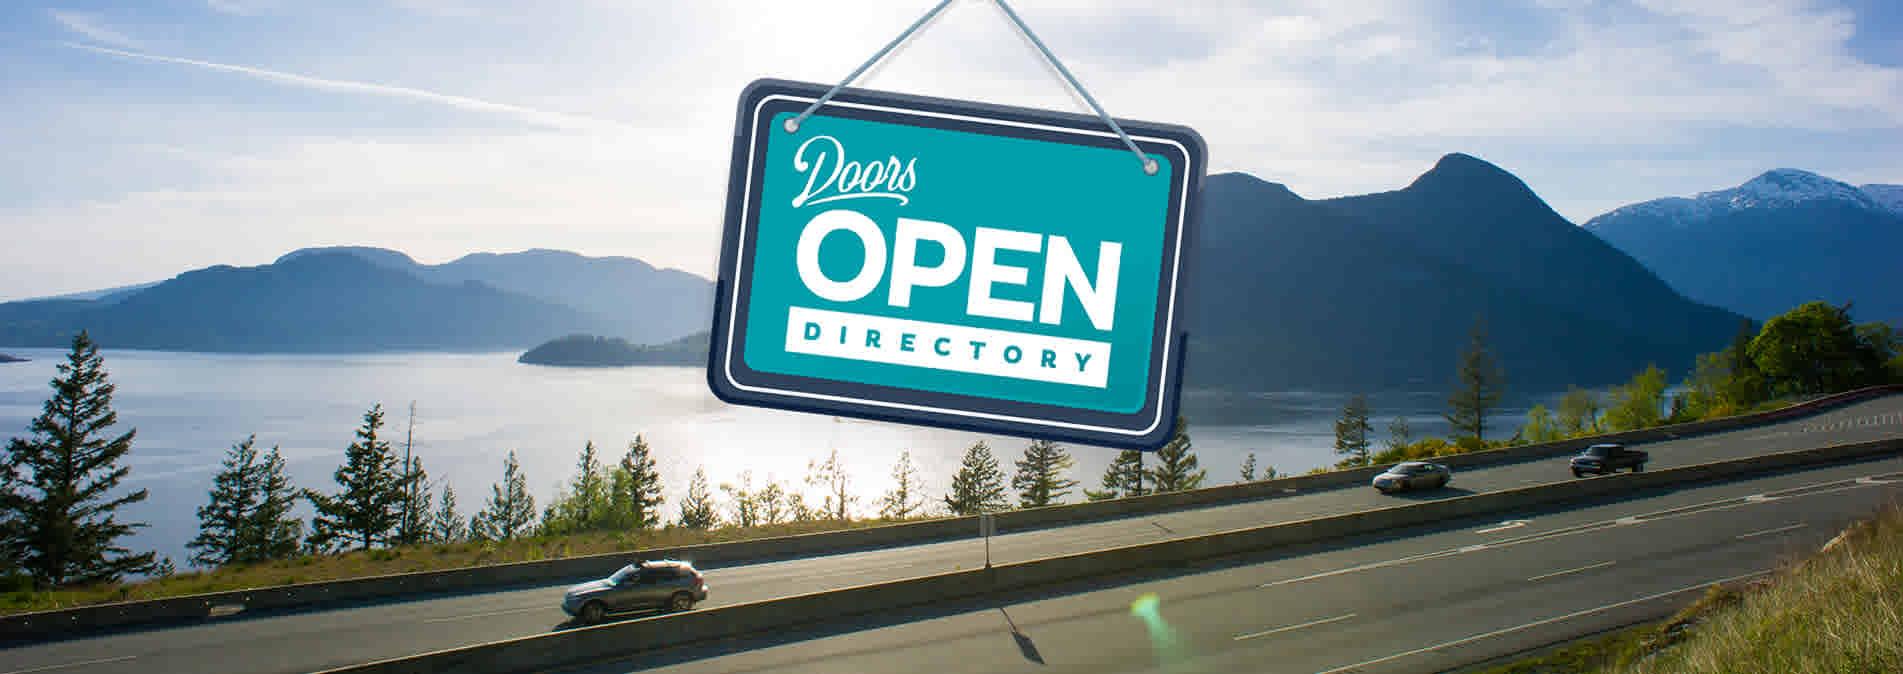 Whistler Doors Open Directory